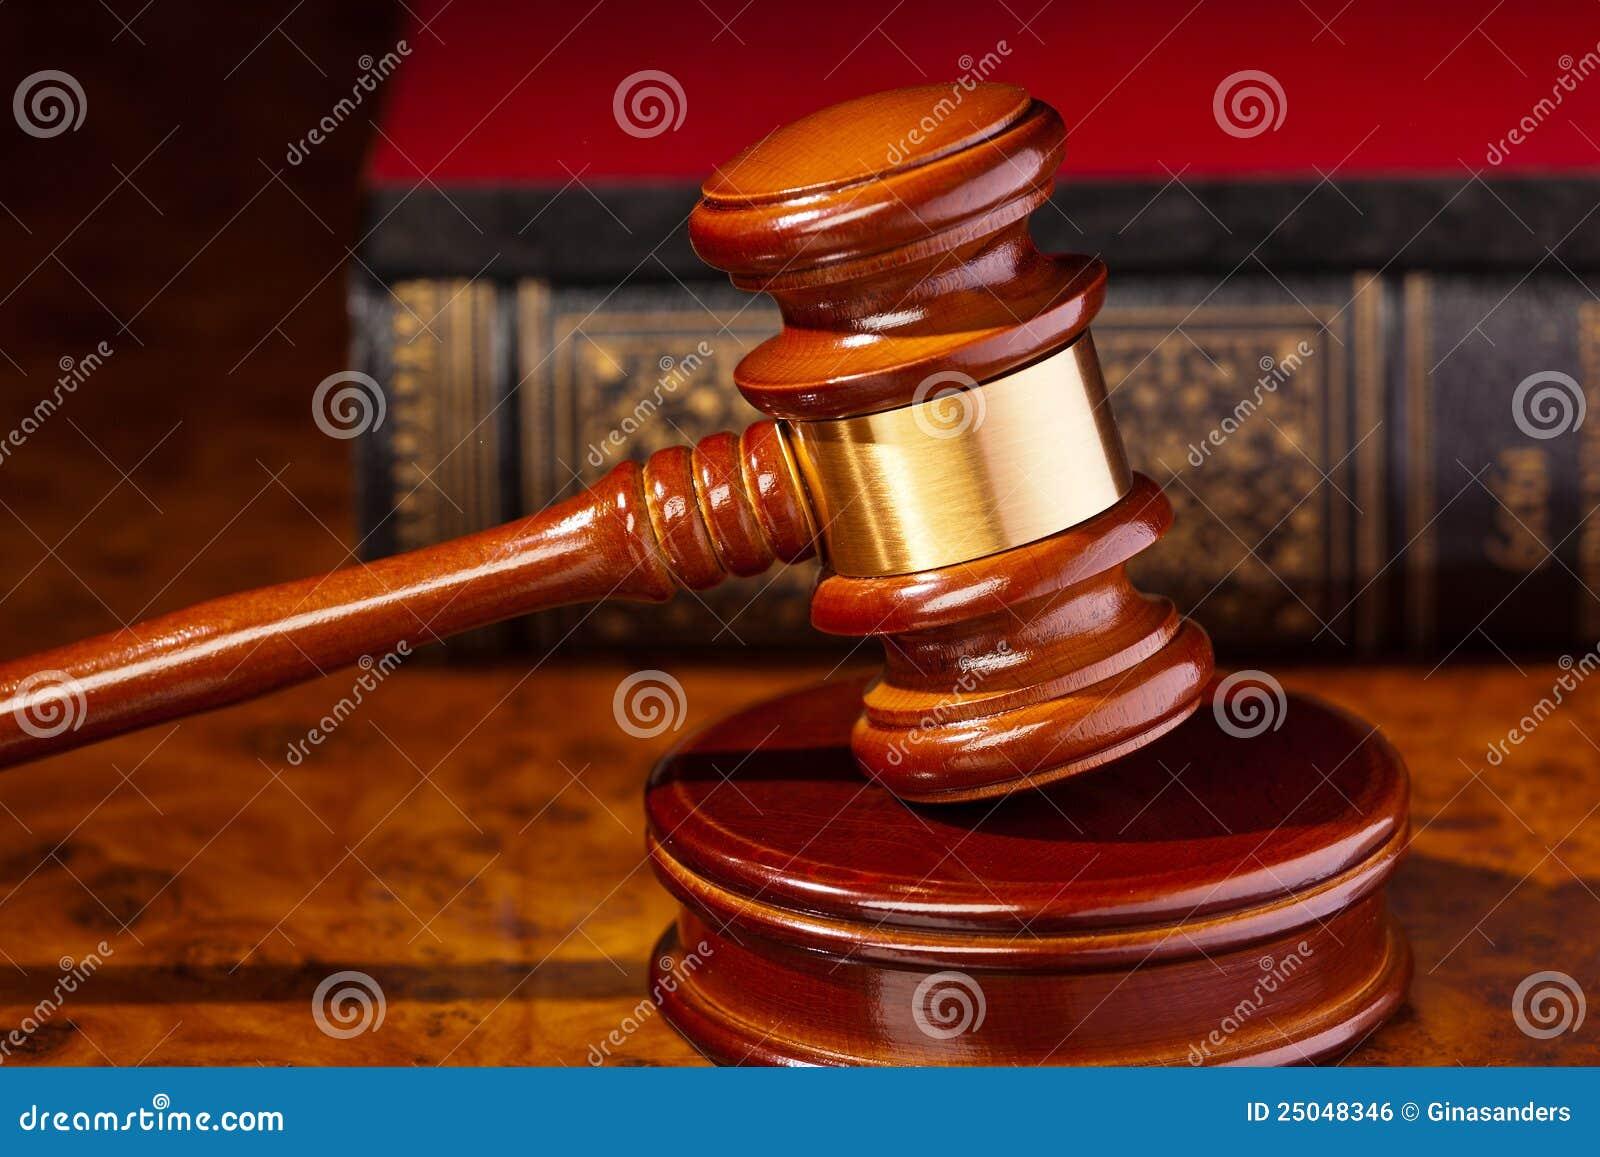 Młoteczka dworski sędzia